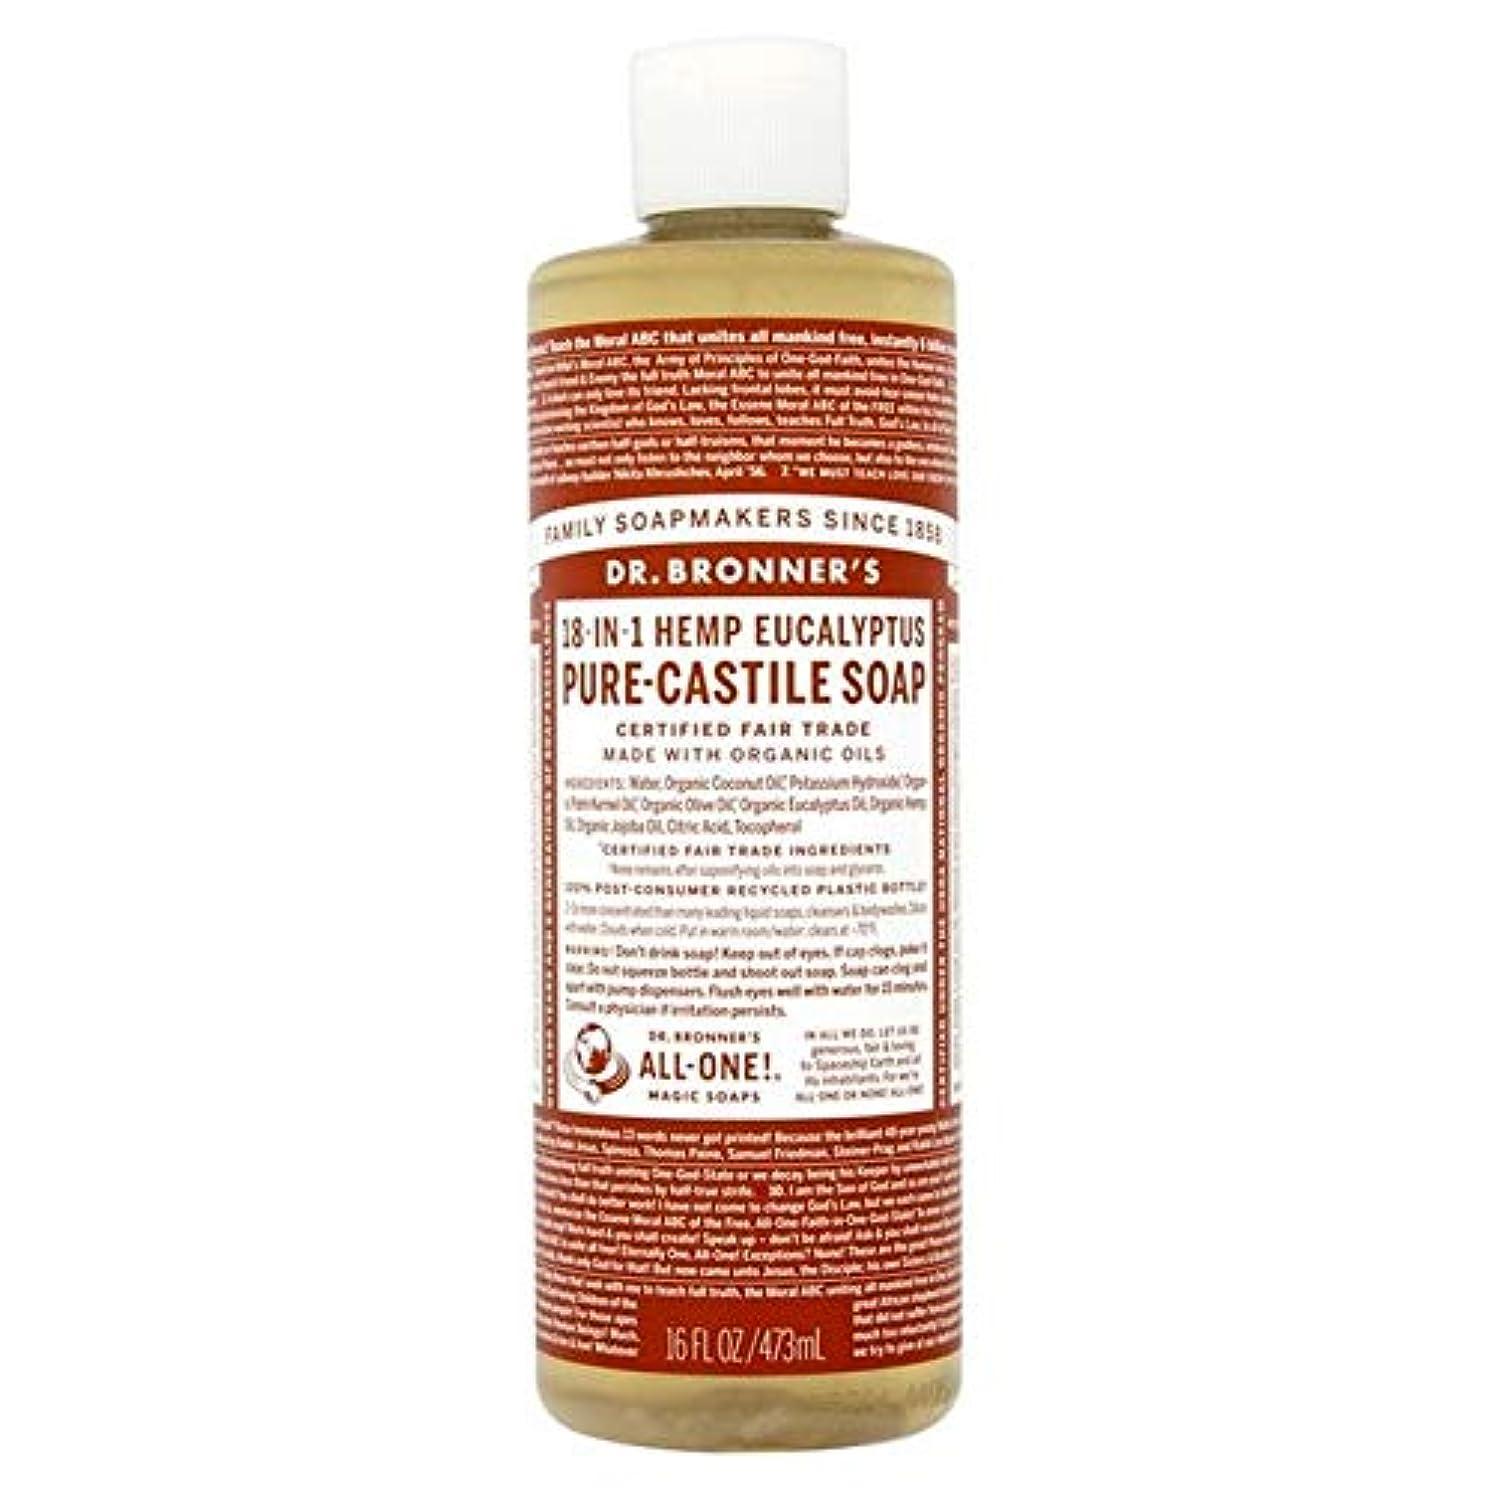 引っ張るシティ気楽な[Dr Bronner] Dr。ブロナーズ有機ユーカリの純粋な-カスティーリャ液体石鹸473ミリリットル - Dr. Bronner's Organic Eucalyptus Pure-Castille Liquid Soap...